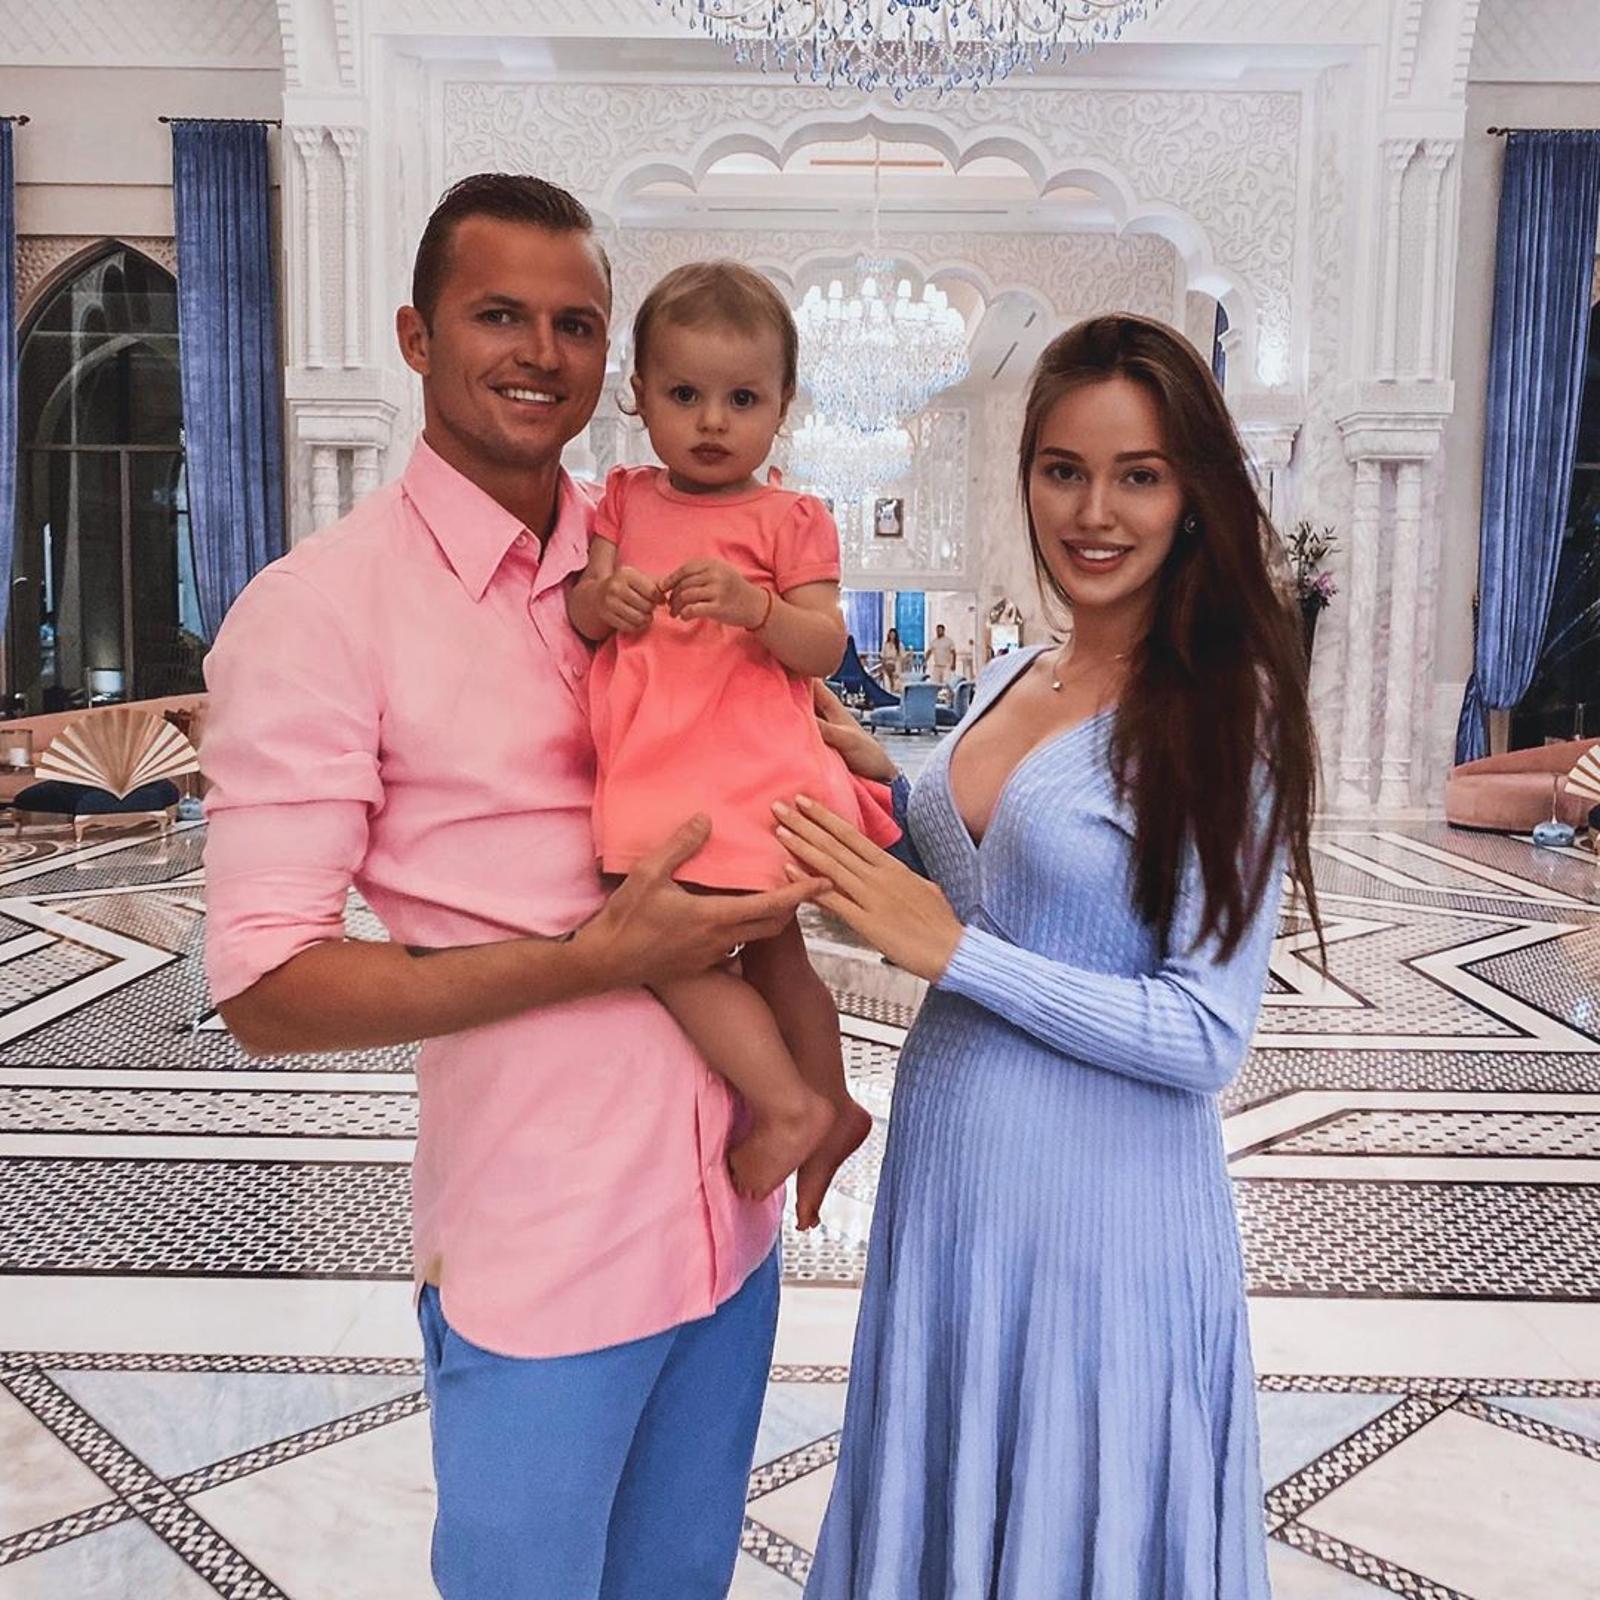 Мальчик или девочка? Дмитрий Тарасов и Анастасия Костенко объявили пол будущего ребенка